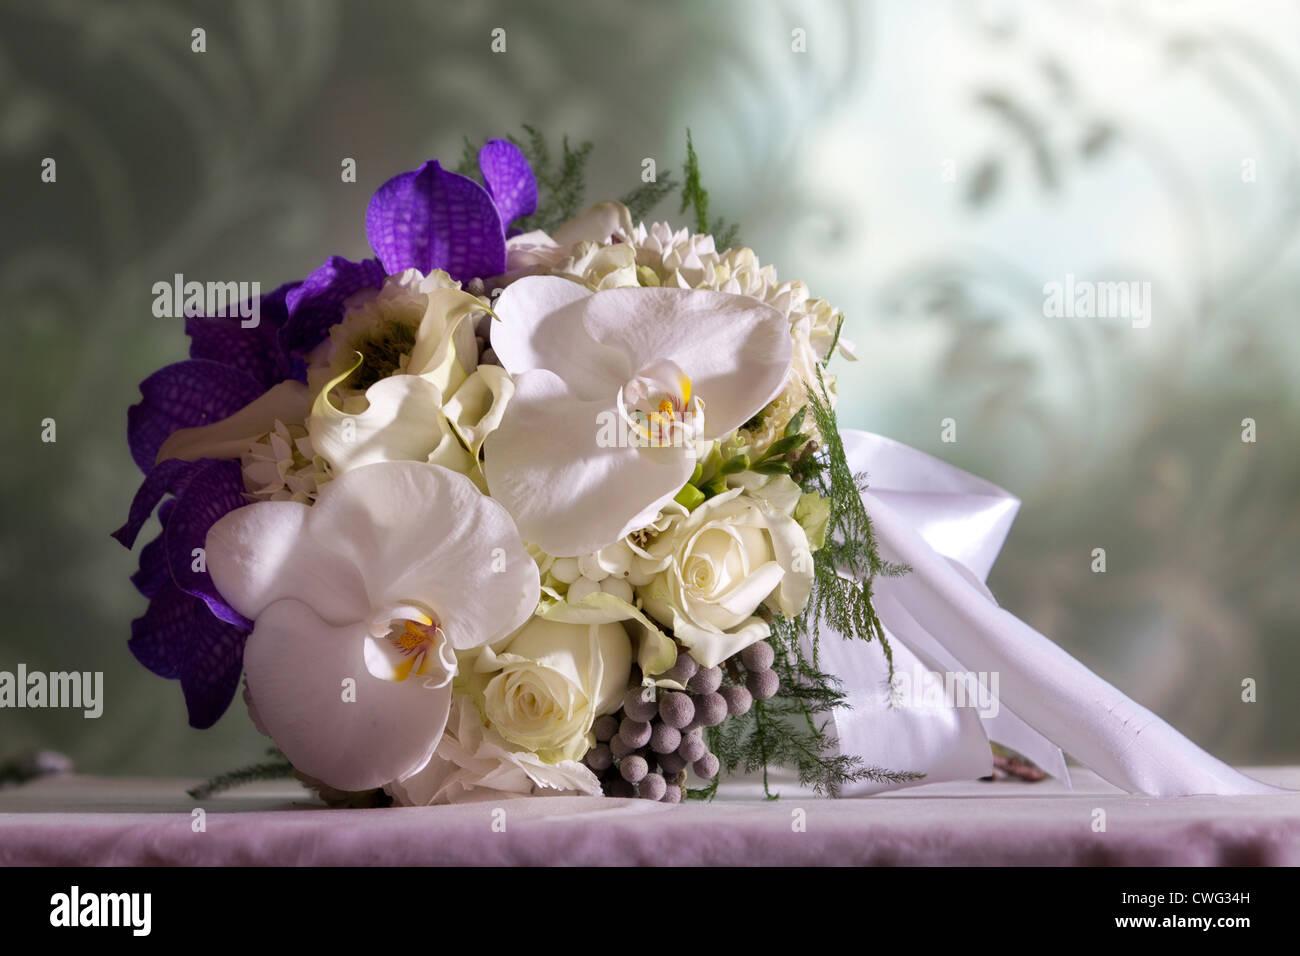 Brautstrauss Mit Orchideen Stockfoto Bild 50140849 Alamy